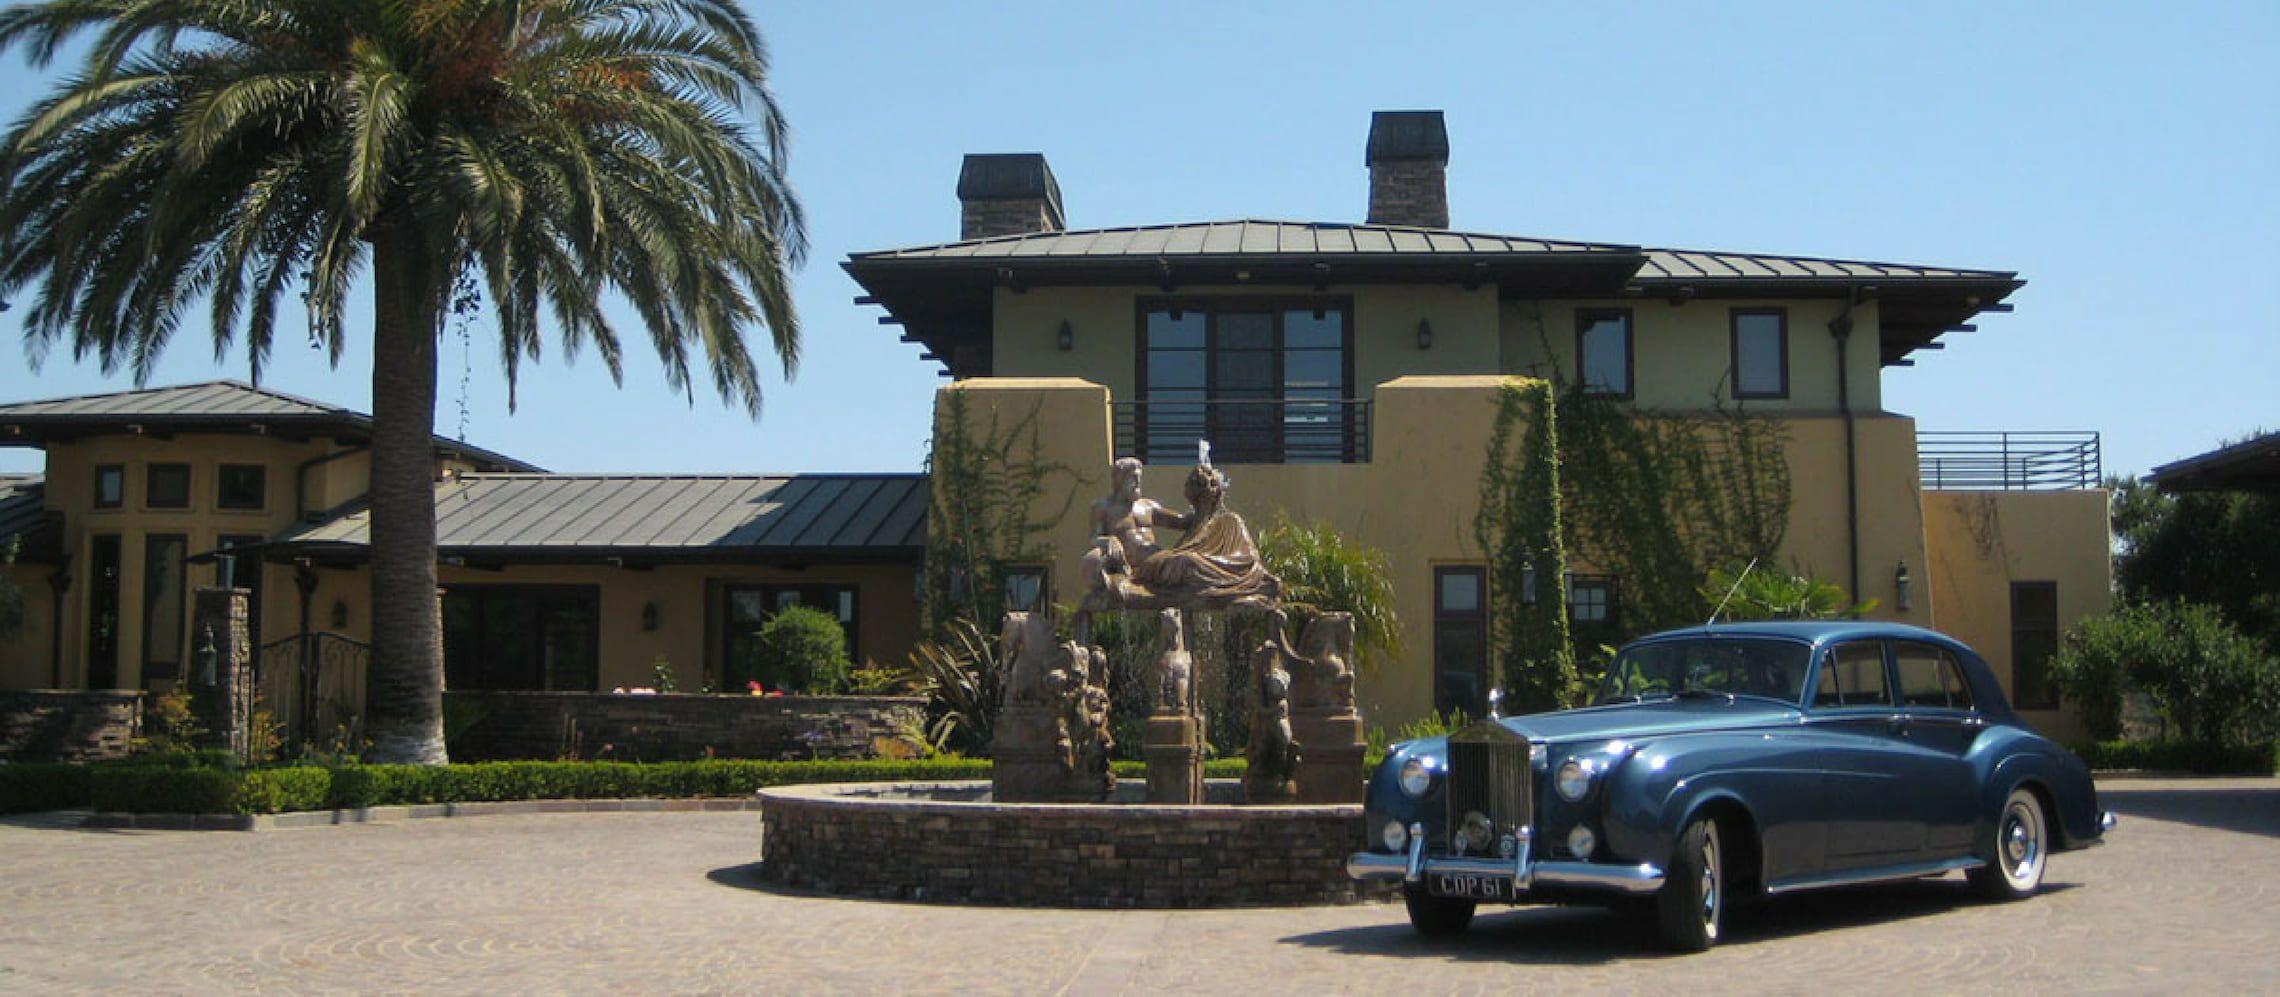 Photo for: Fantastic Five for California Winery Ca'del Grevino